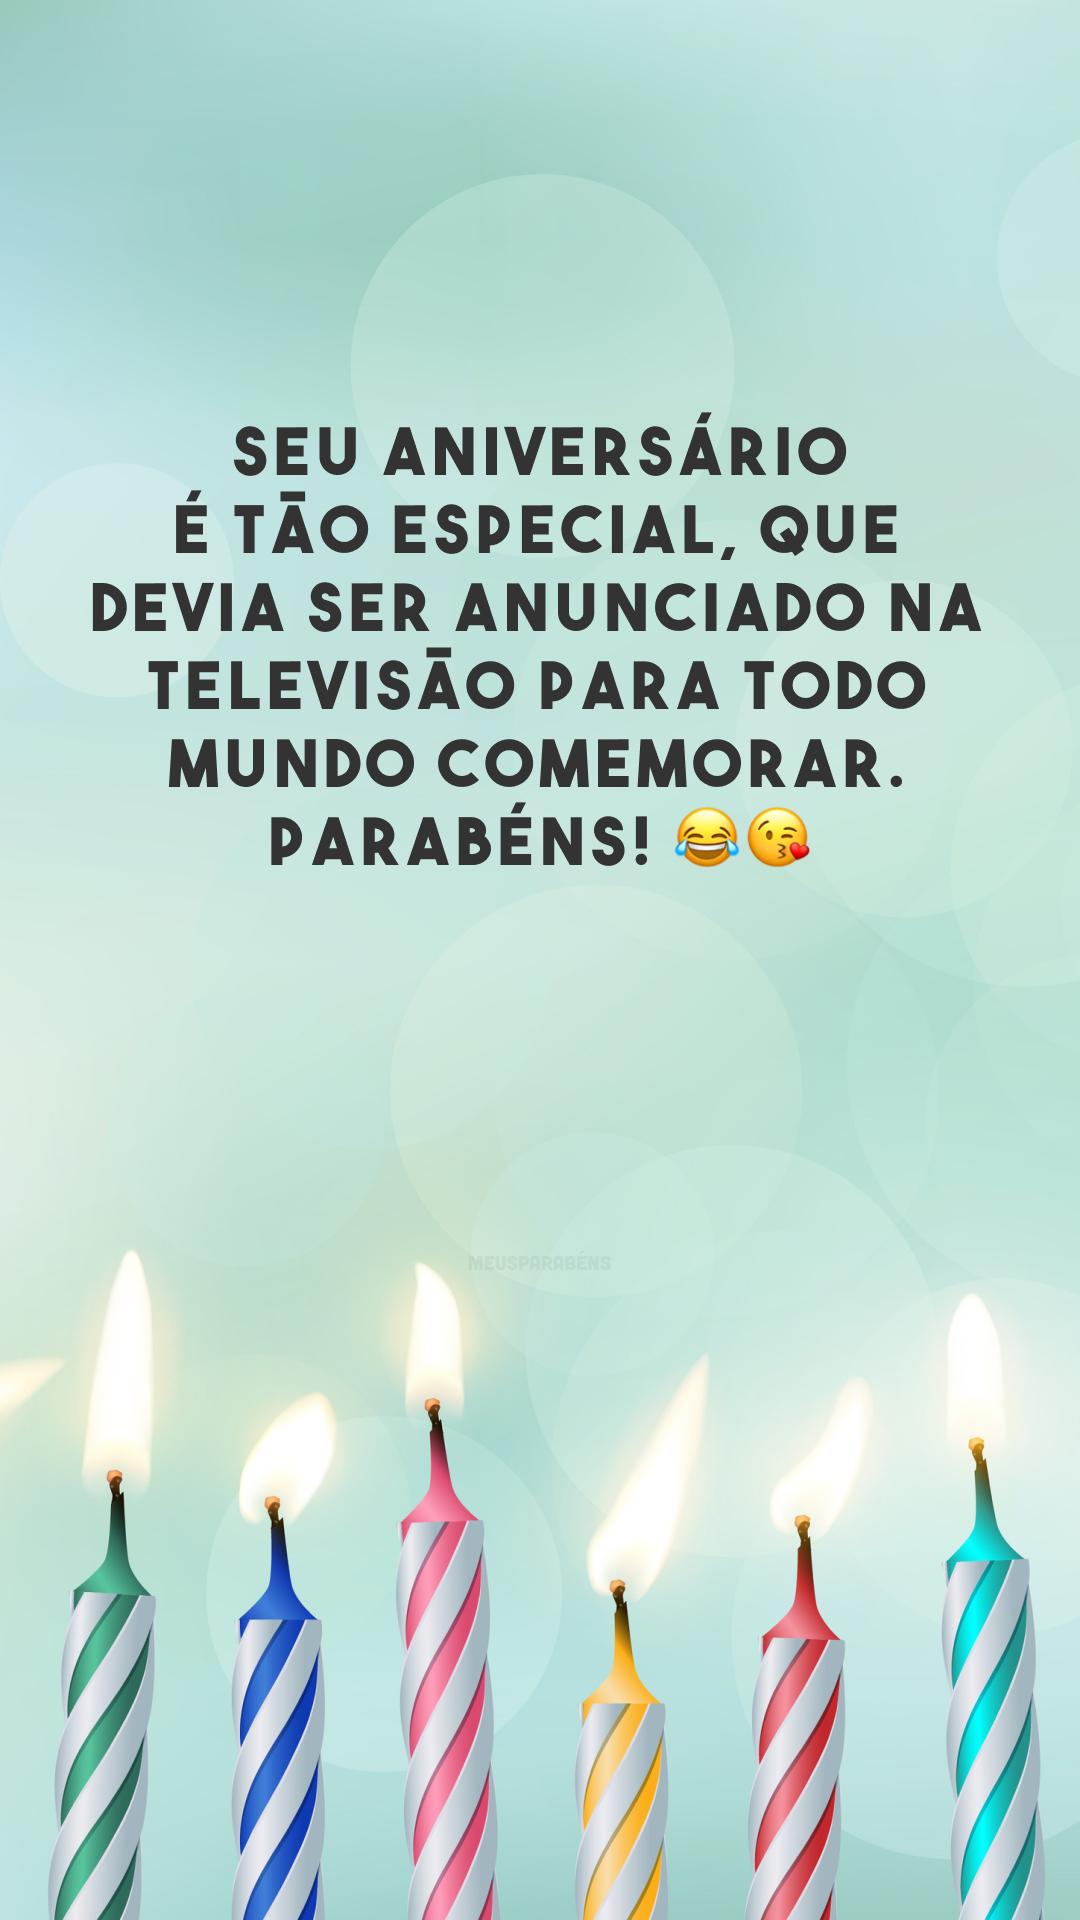 Seu aniversário é tão especial, que devia ser anunciado na televisão para todo mundo comemorar. Parabéns! ??